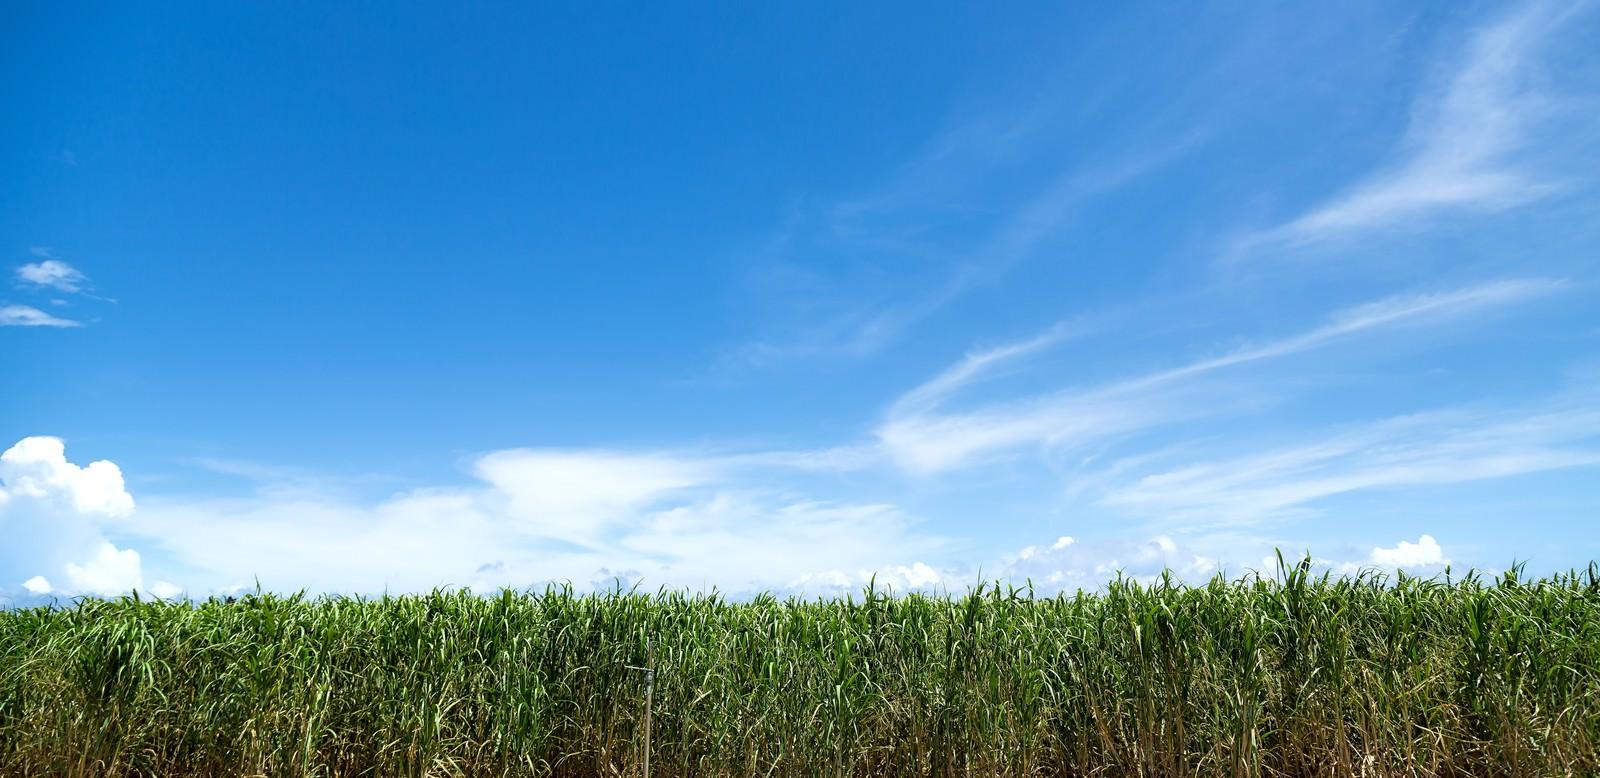 「サトウキビ畑と宮古島の青空」の写真